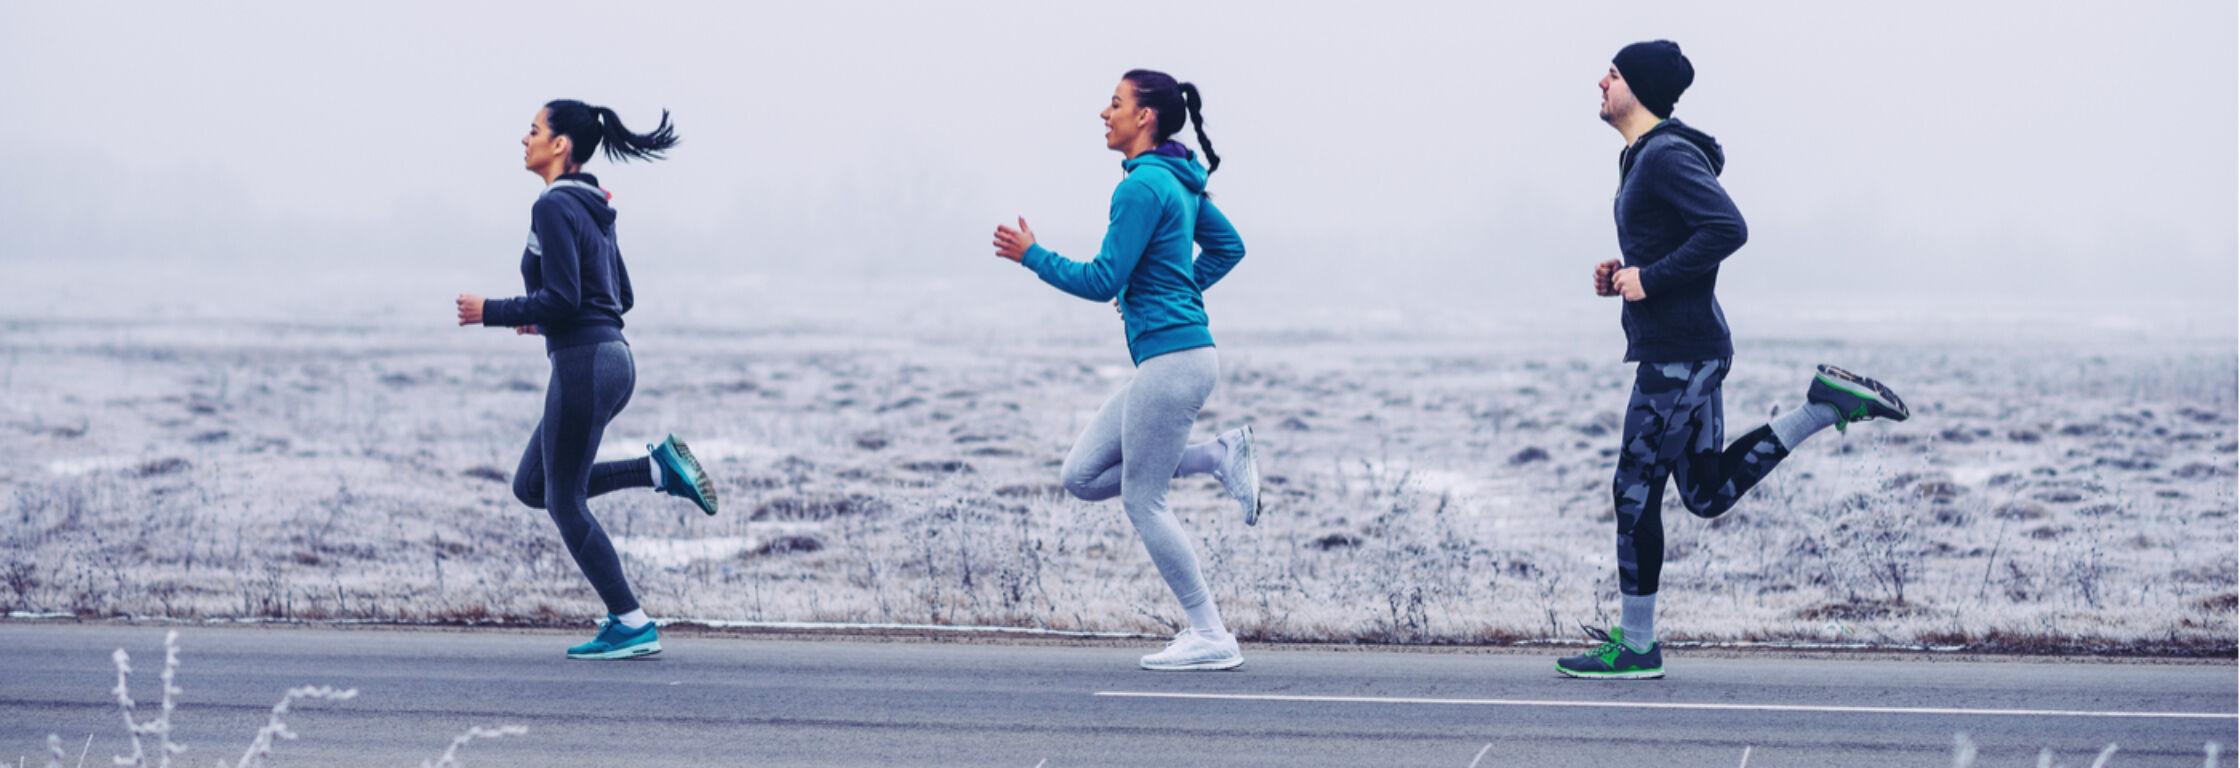 Winterblues - Herken de symptomen en ga erop uit!